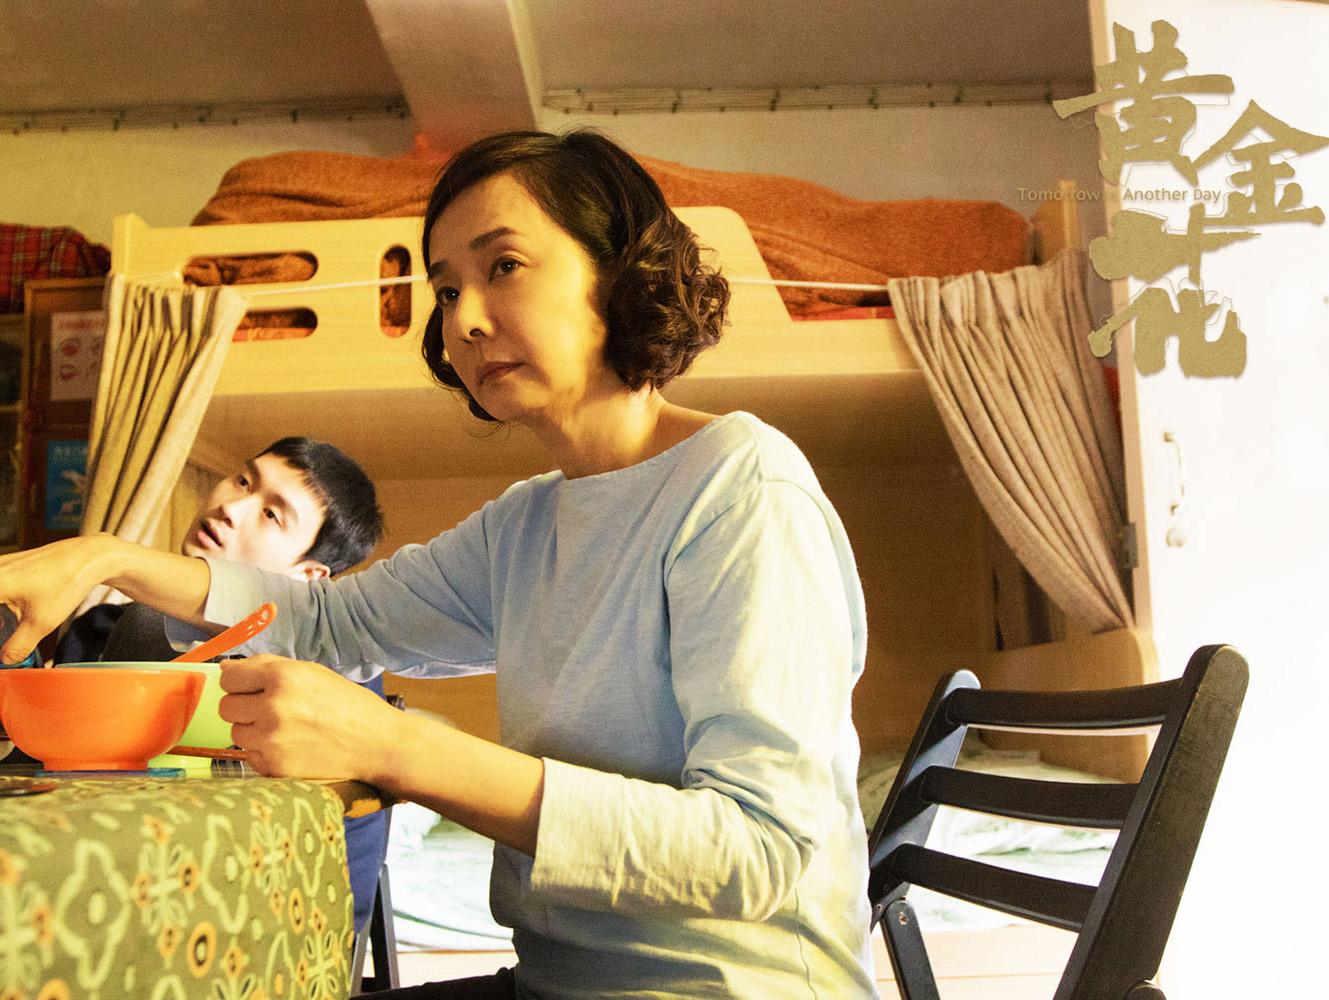 《黄金花》写实生活刺痛中年女性